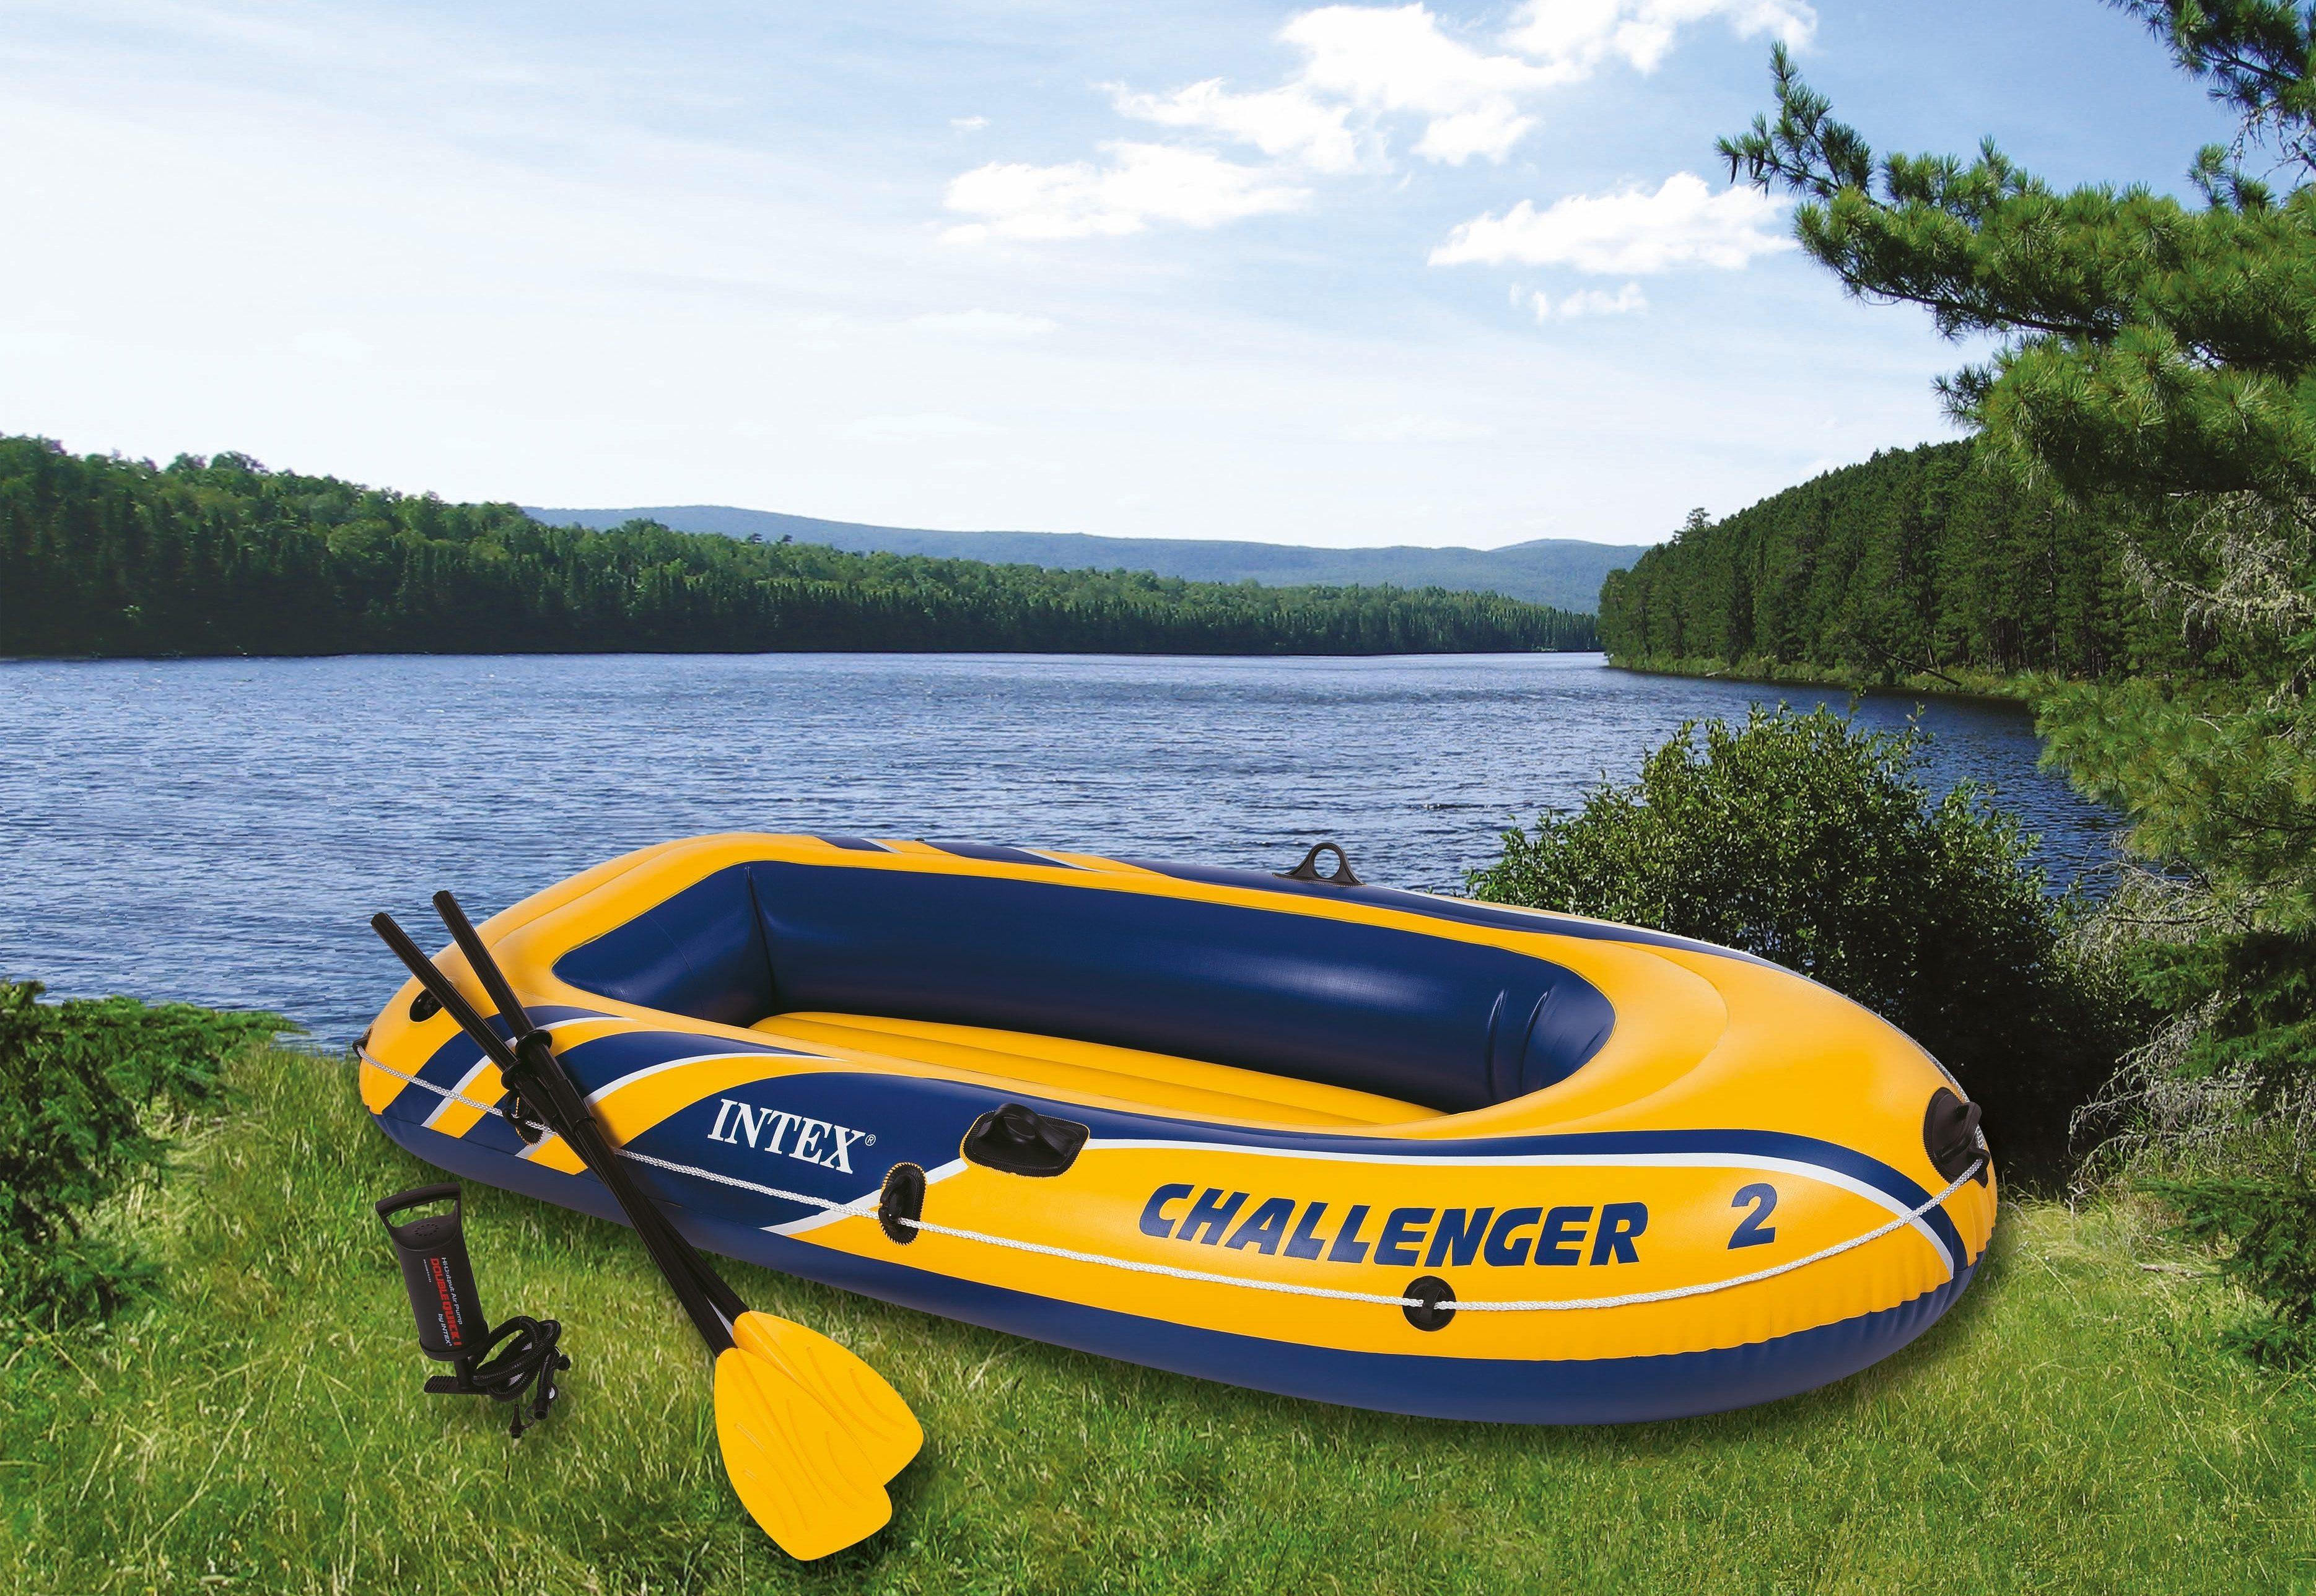 Sportboot-Set, mit Kunststoffpaddel und Luftpumpe, »Boot-Set Challenger 2«, Intex